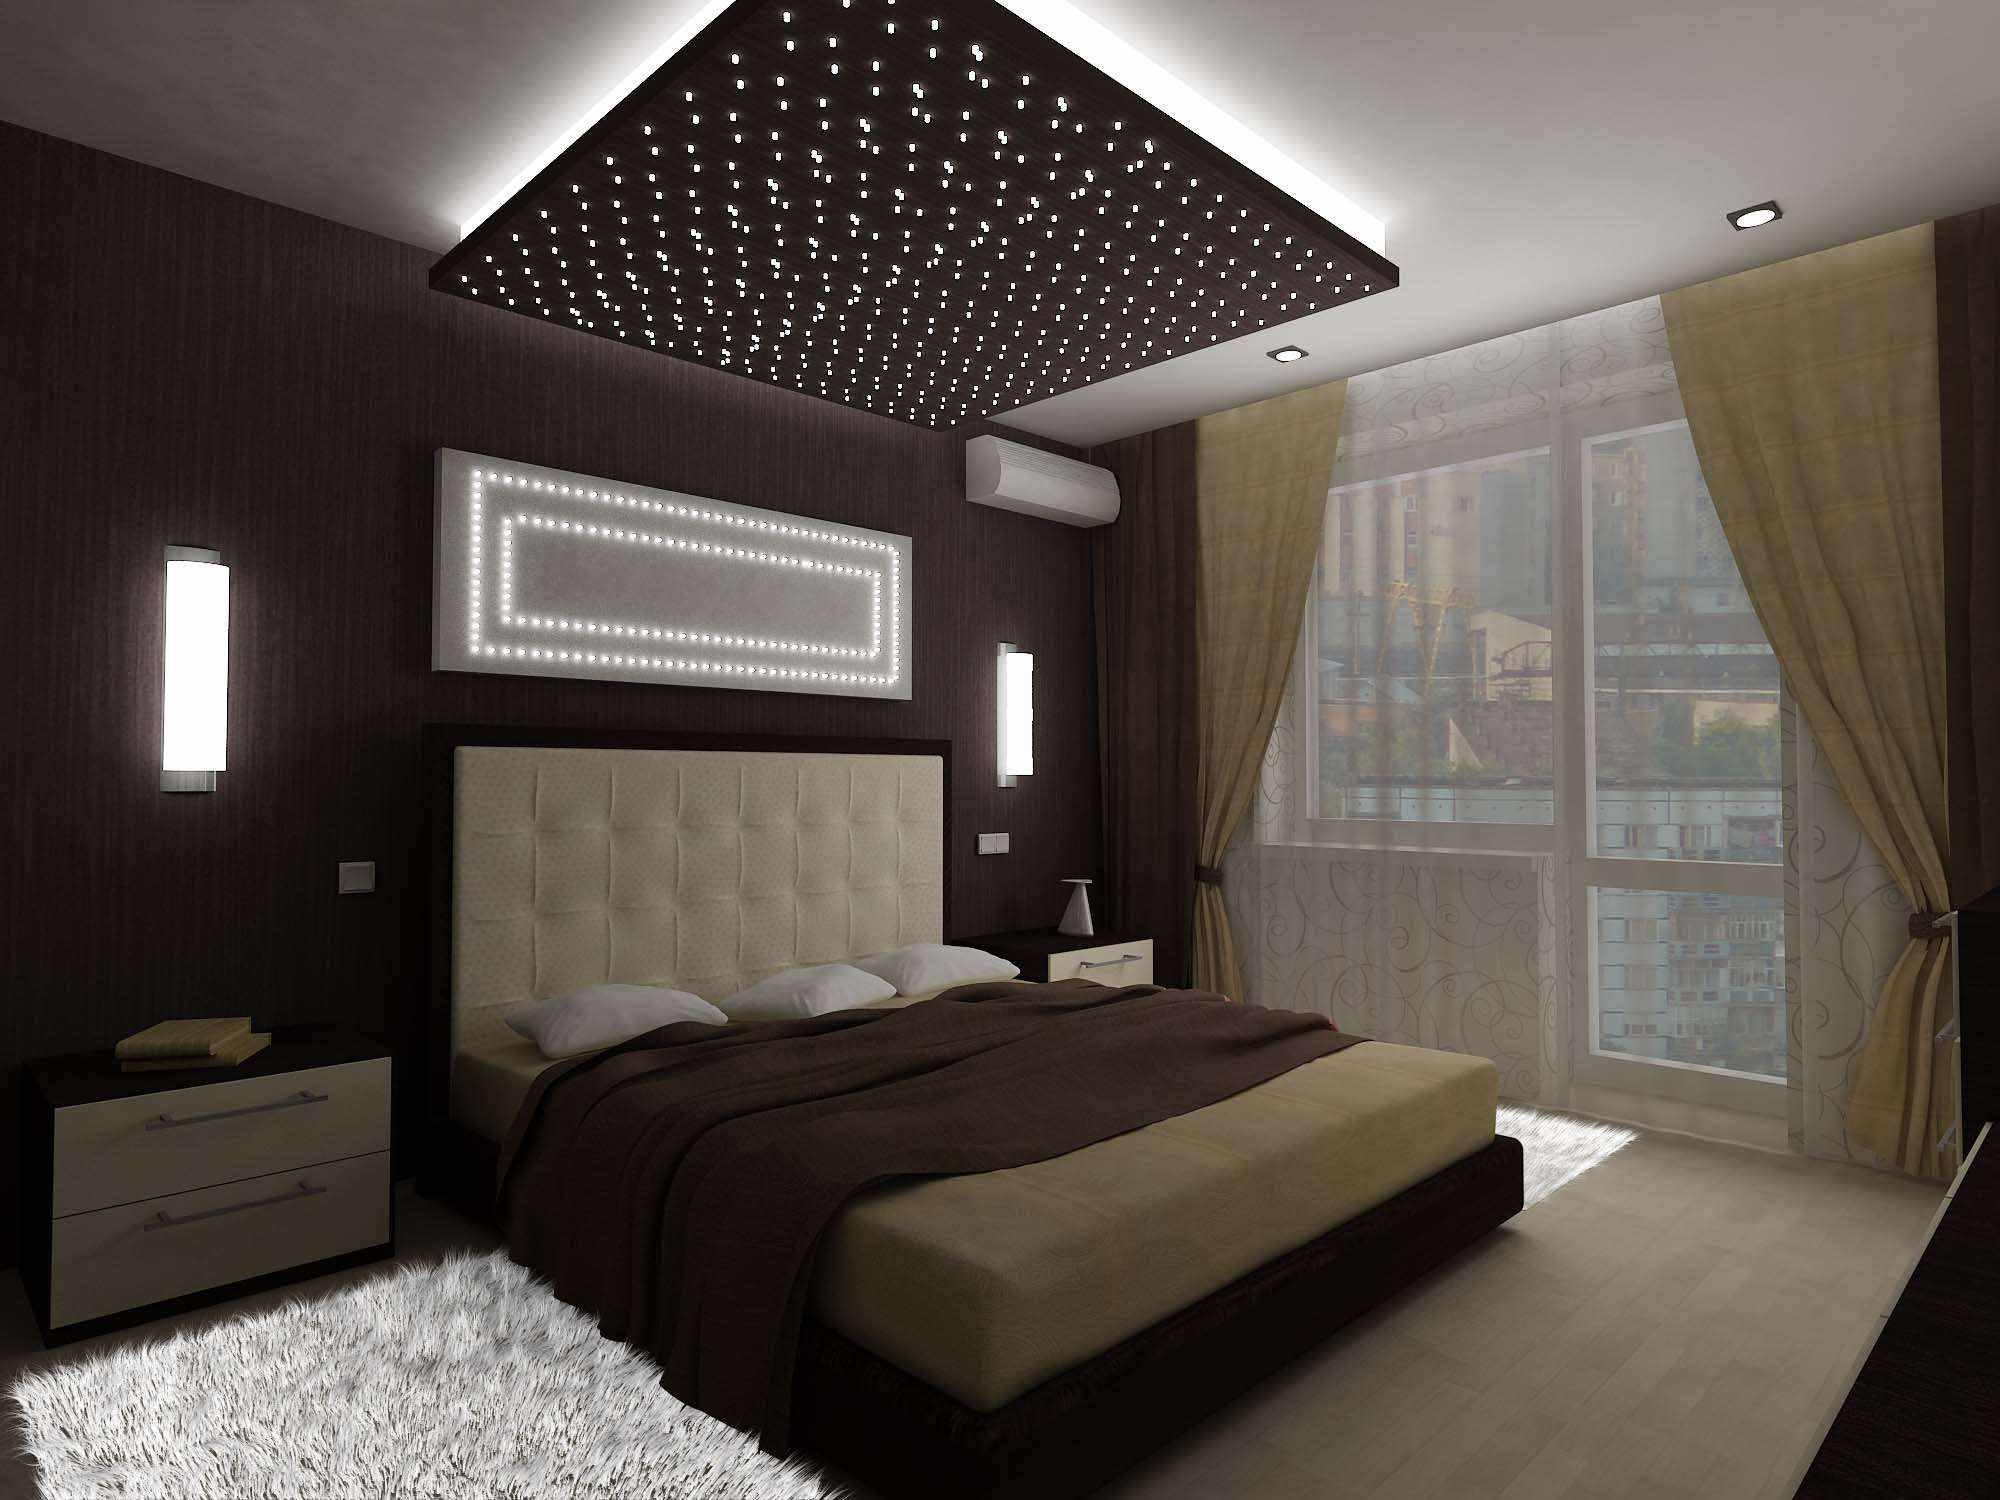 idée d'un design insolite d'une chambre de 15 m²